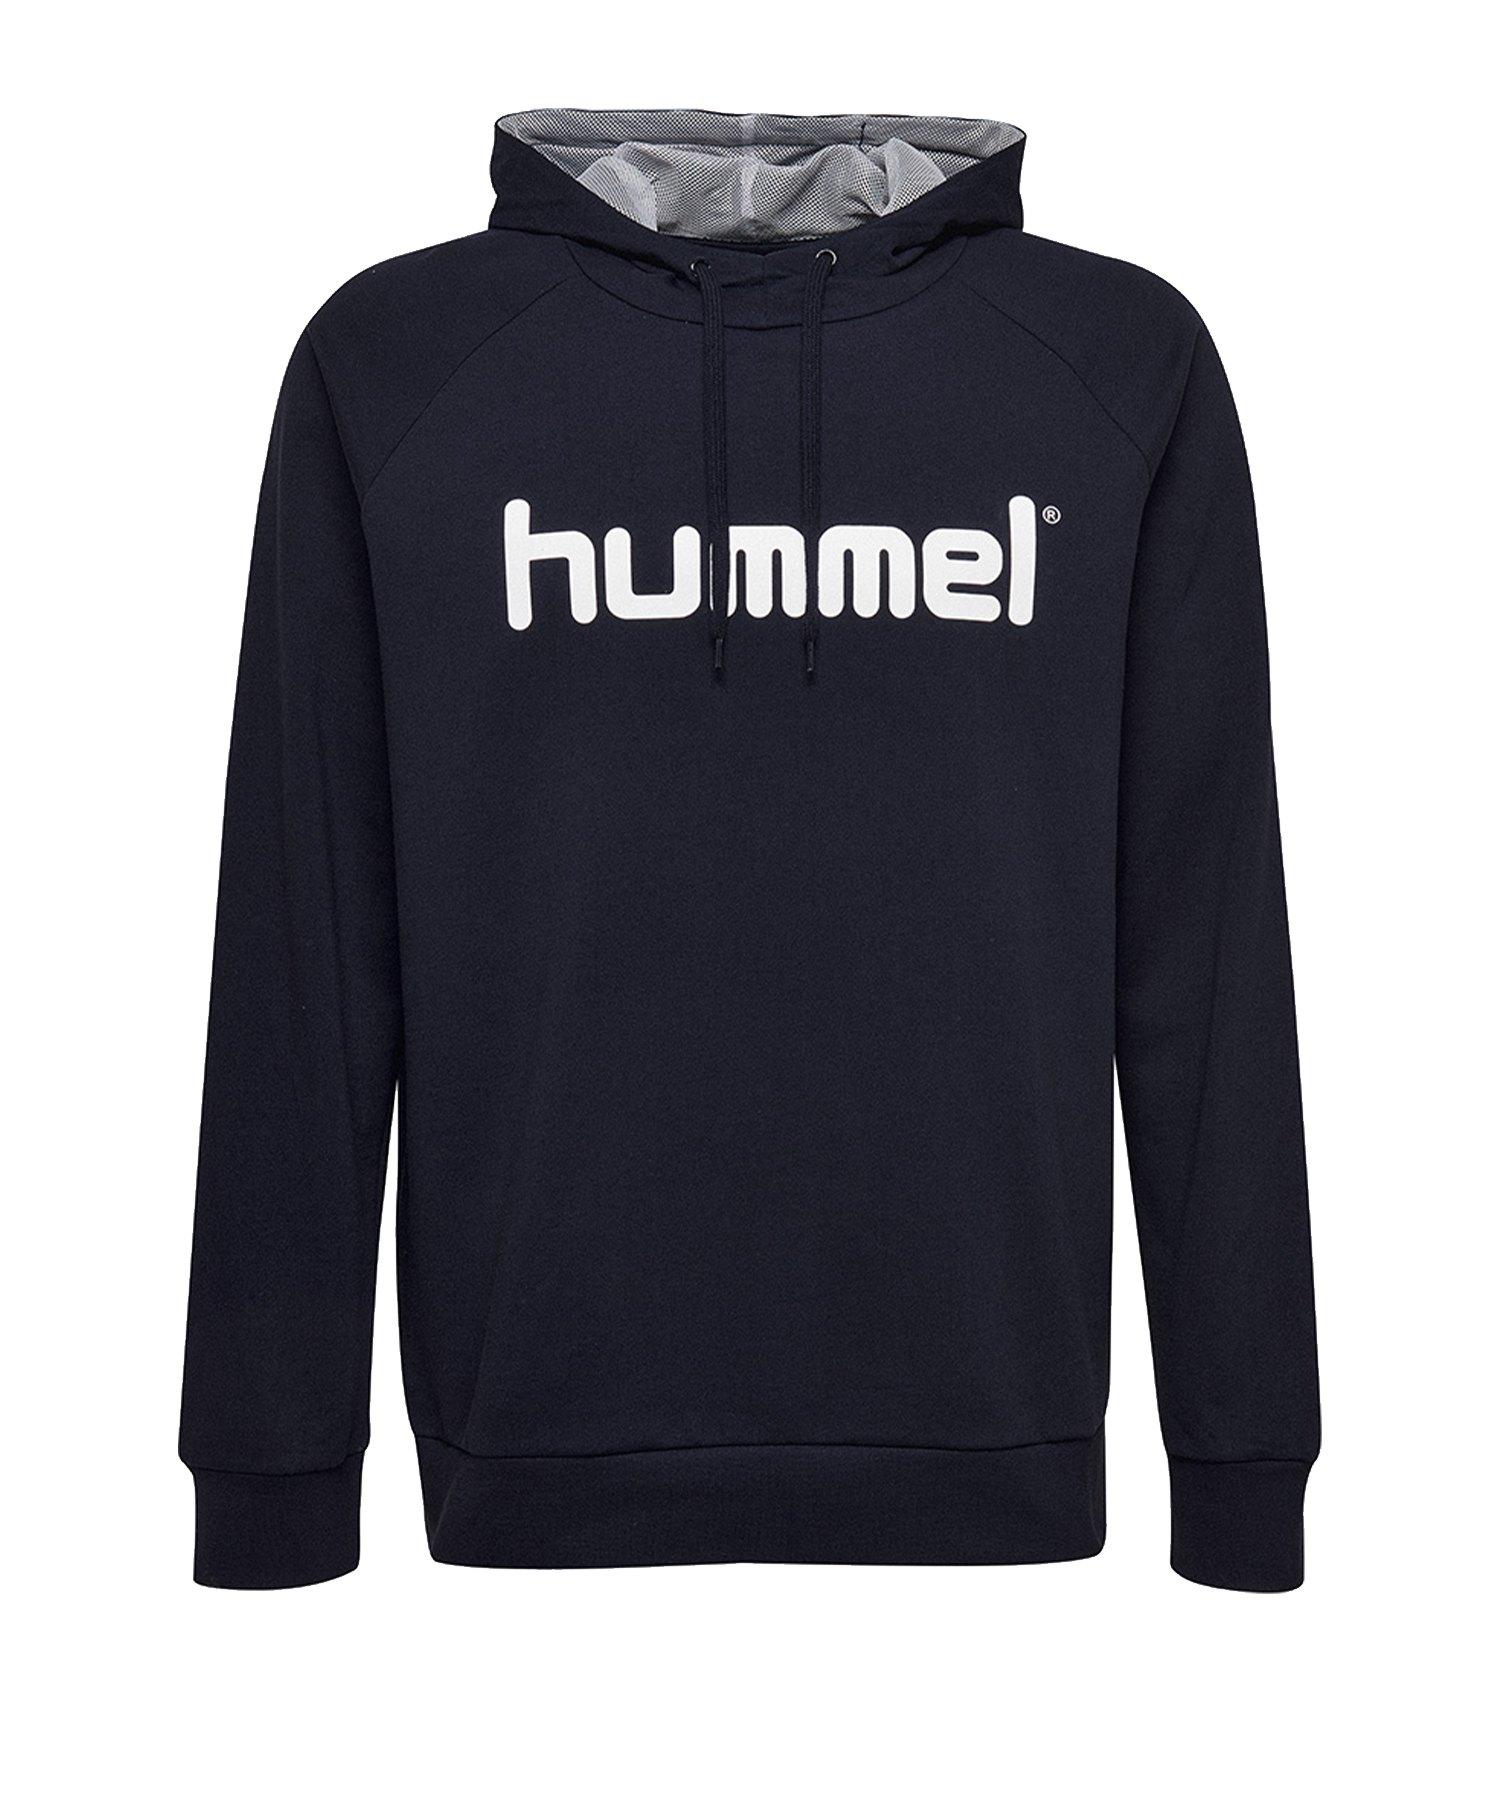 Hummel Cotton Logo Hoody Blau F7026 - Blau